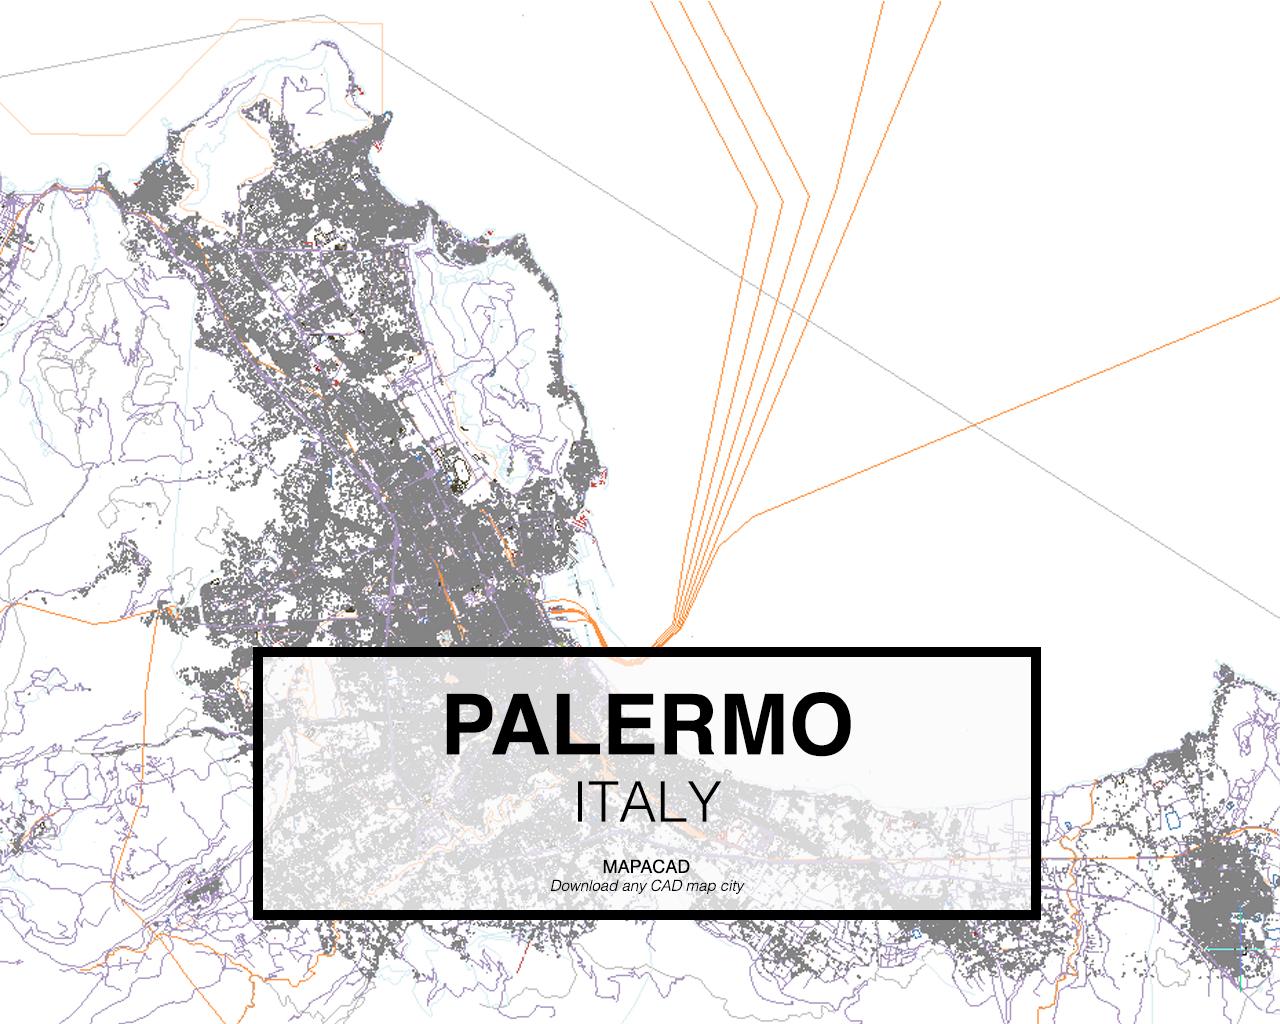 Palermo Dwg Mapacad